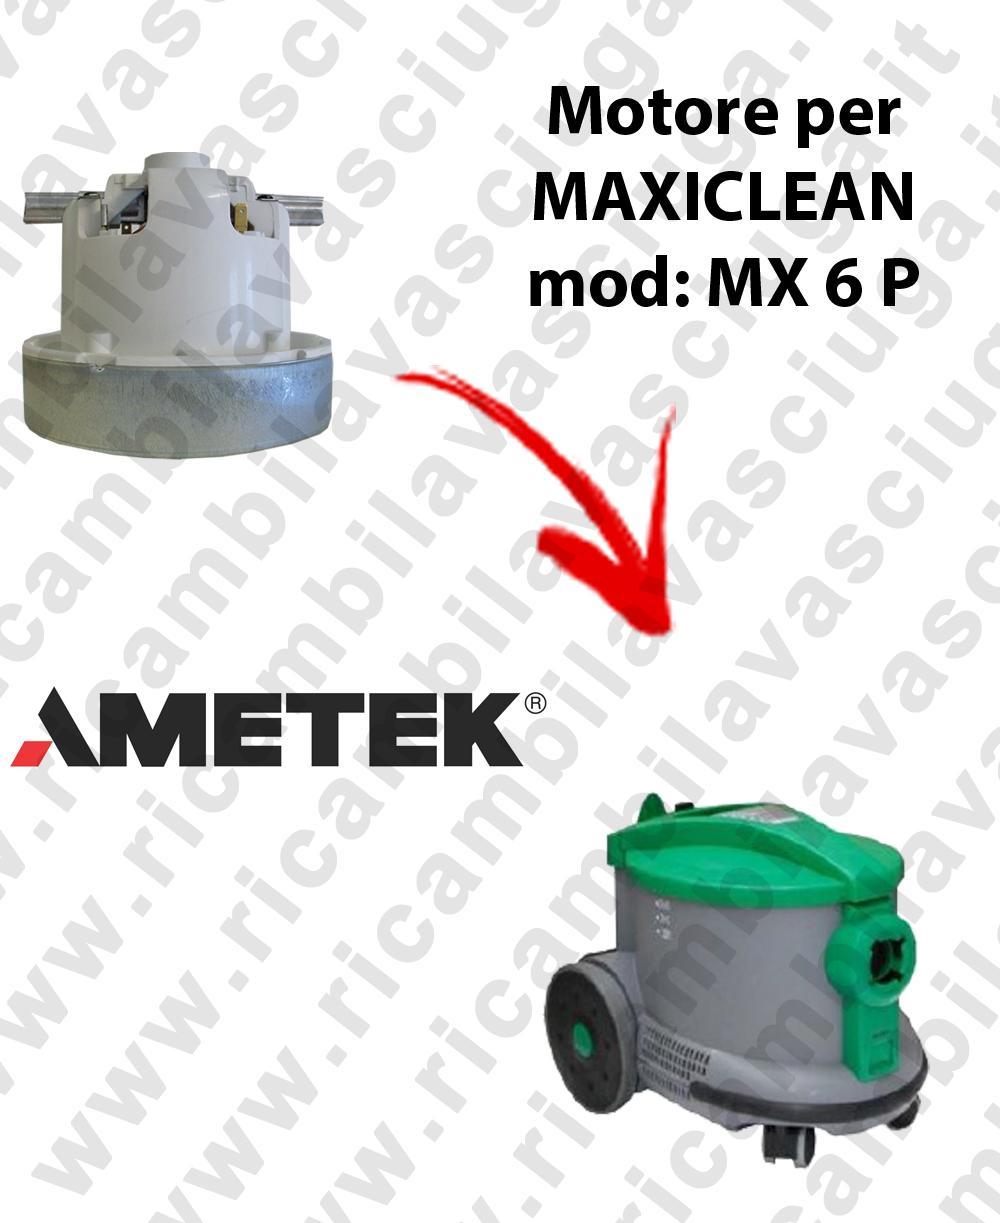 MX 6 P MOTORE AMETEK di aspirazione per aspirapolvere MAXICLEAN